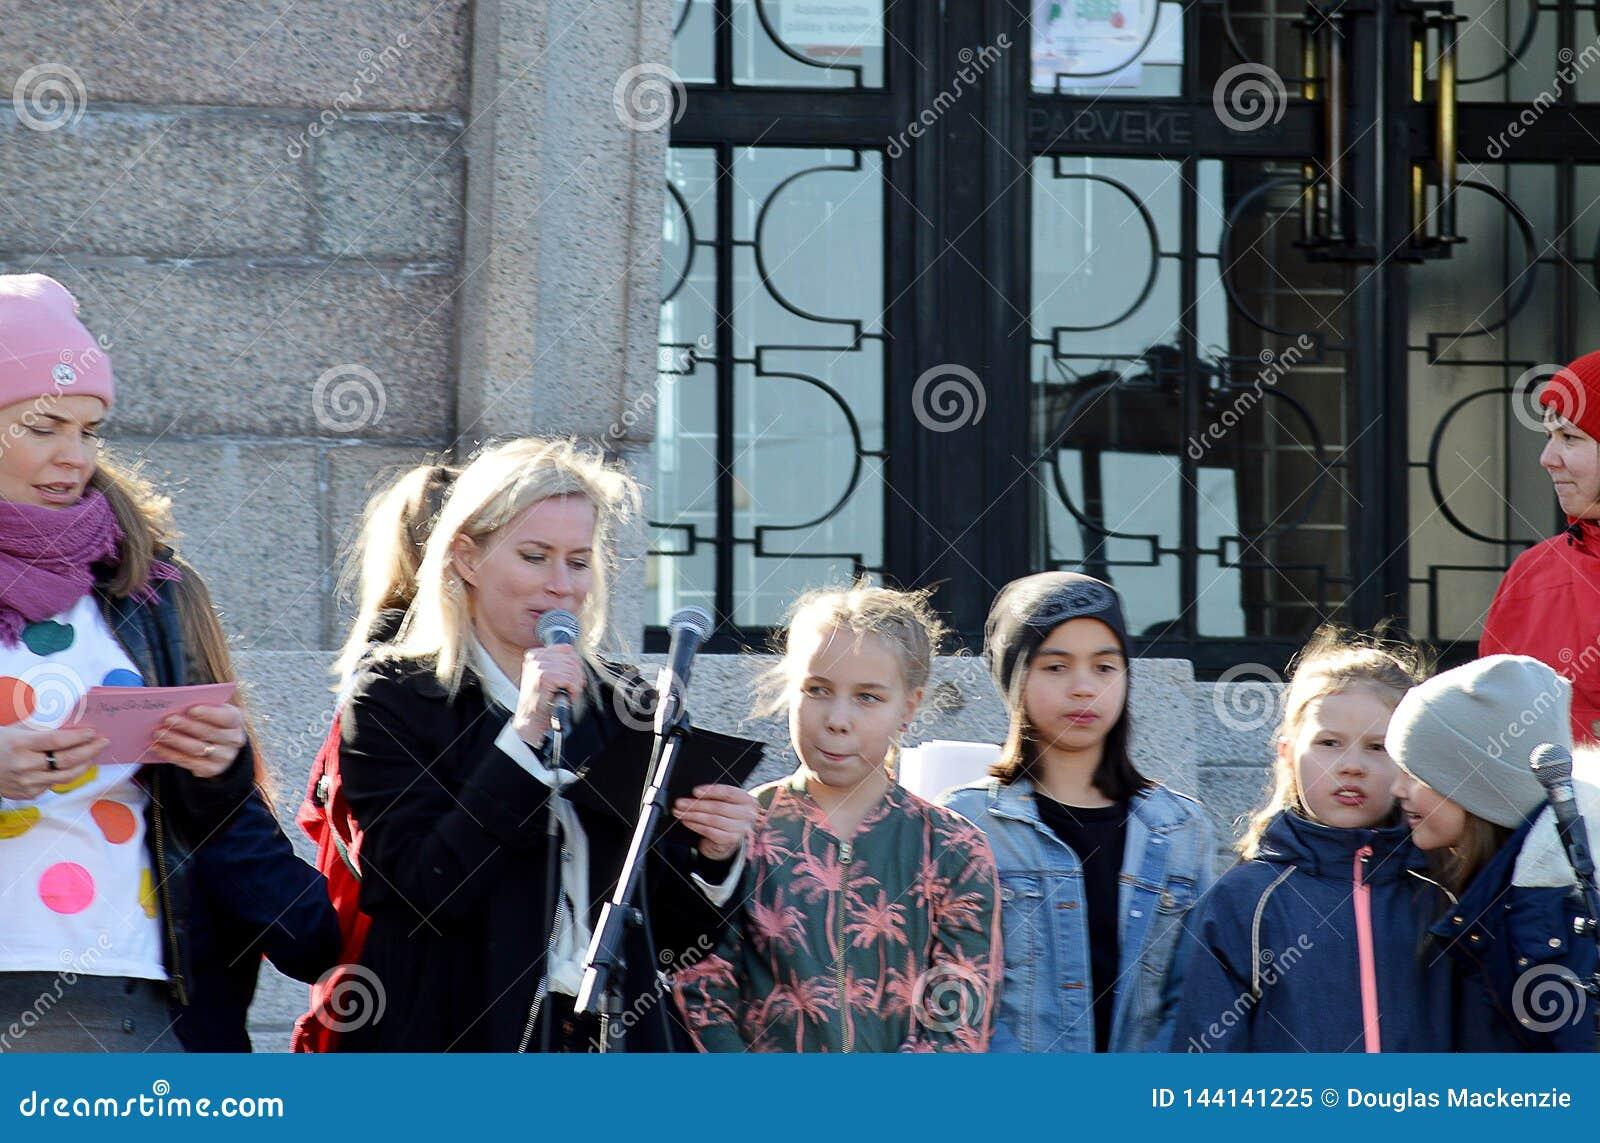 Protesta contra la inacci?n del gobierno en el cambio de clima, Helsinki, Finlandia